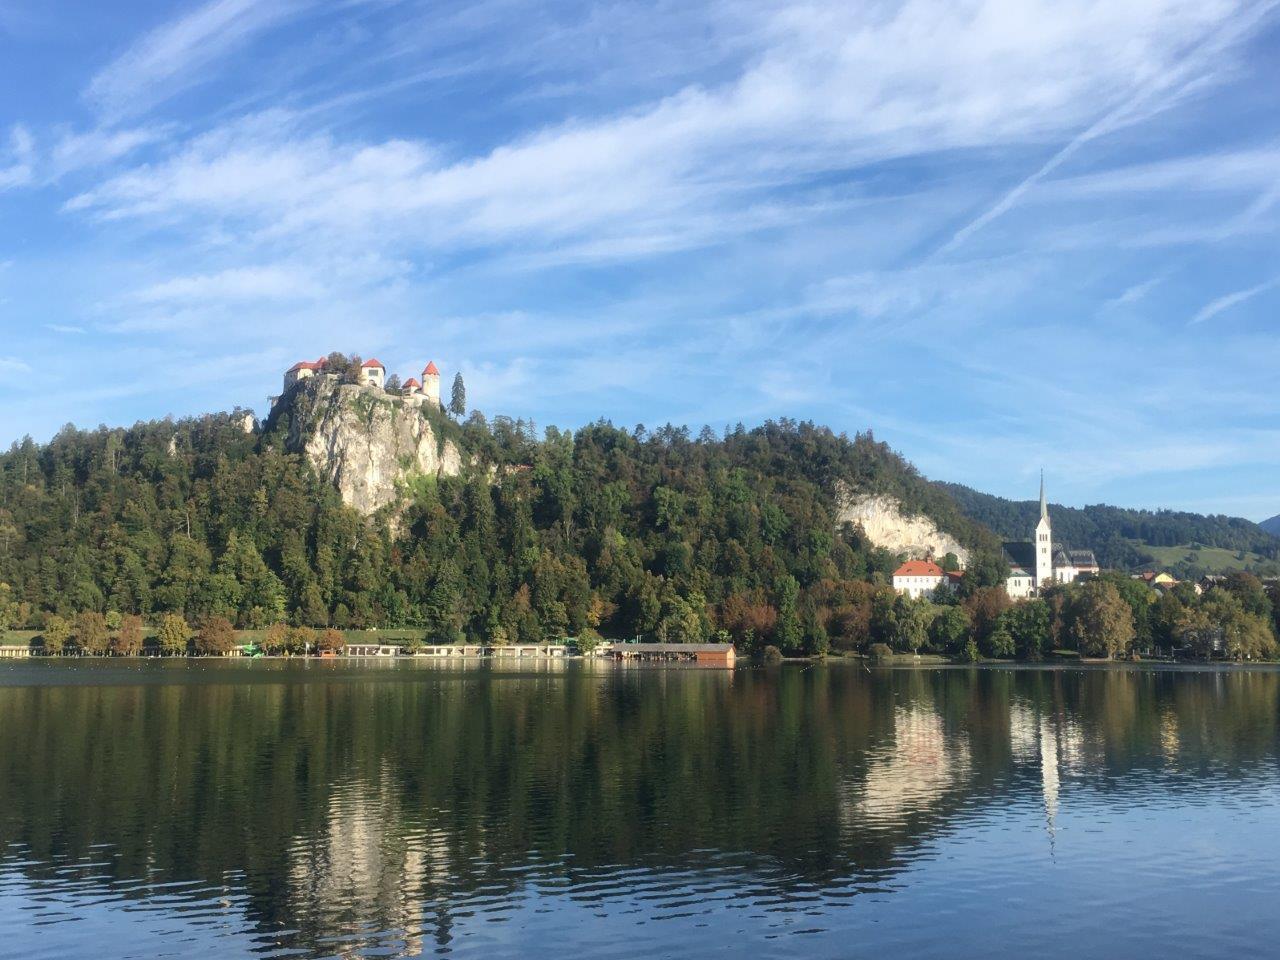 Bled Castle on Lake Bled, Slovenia